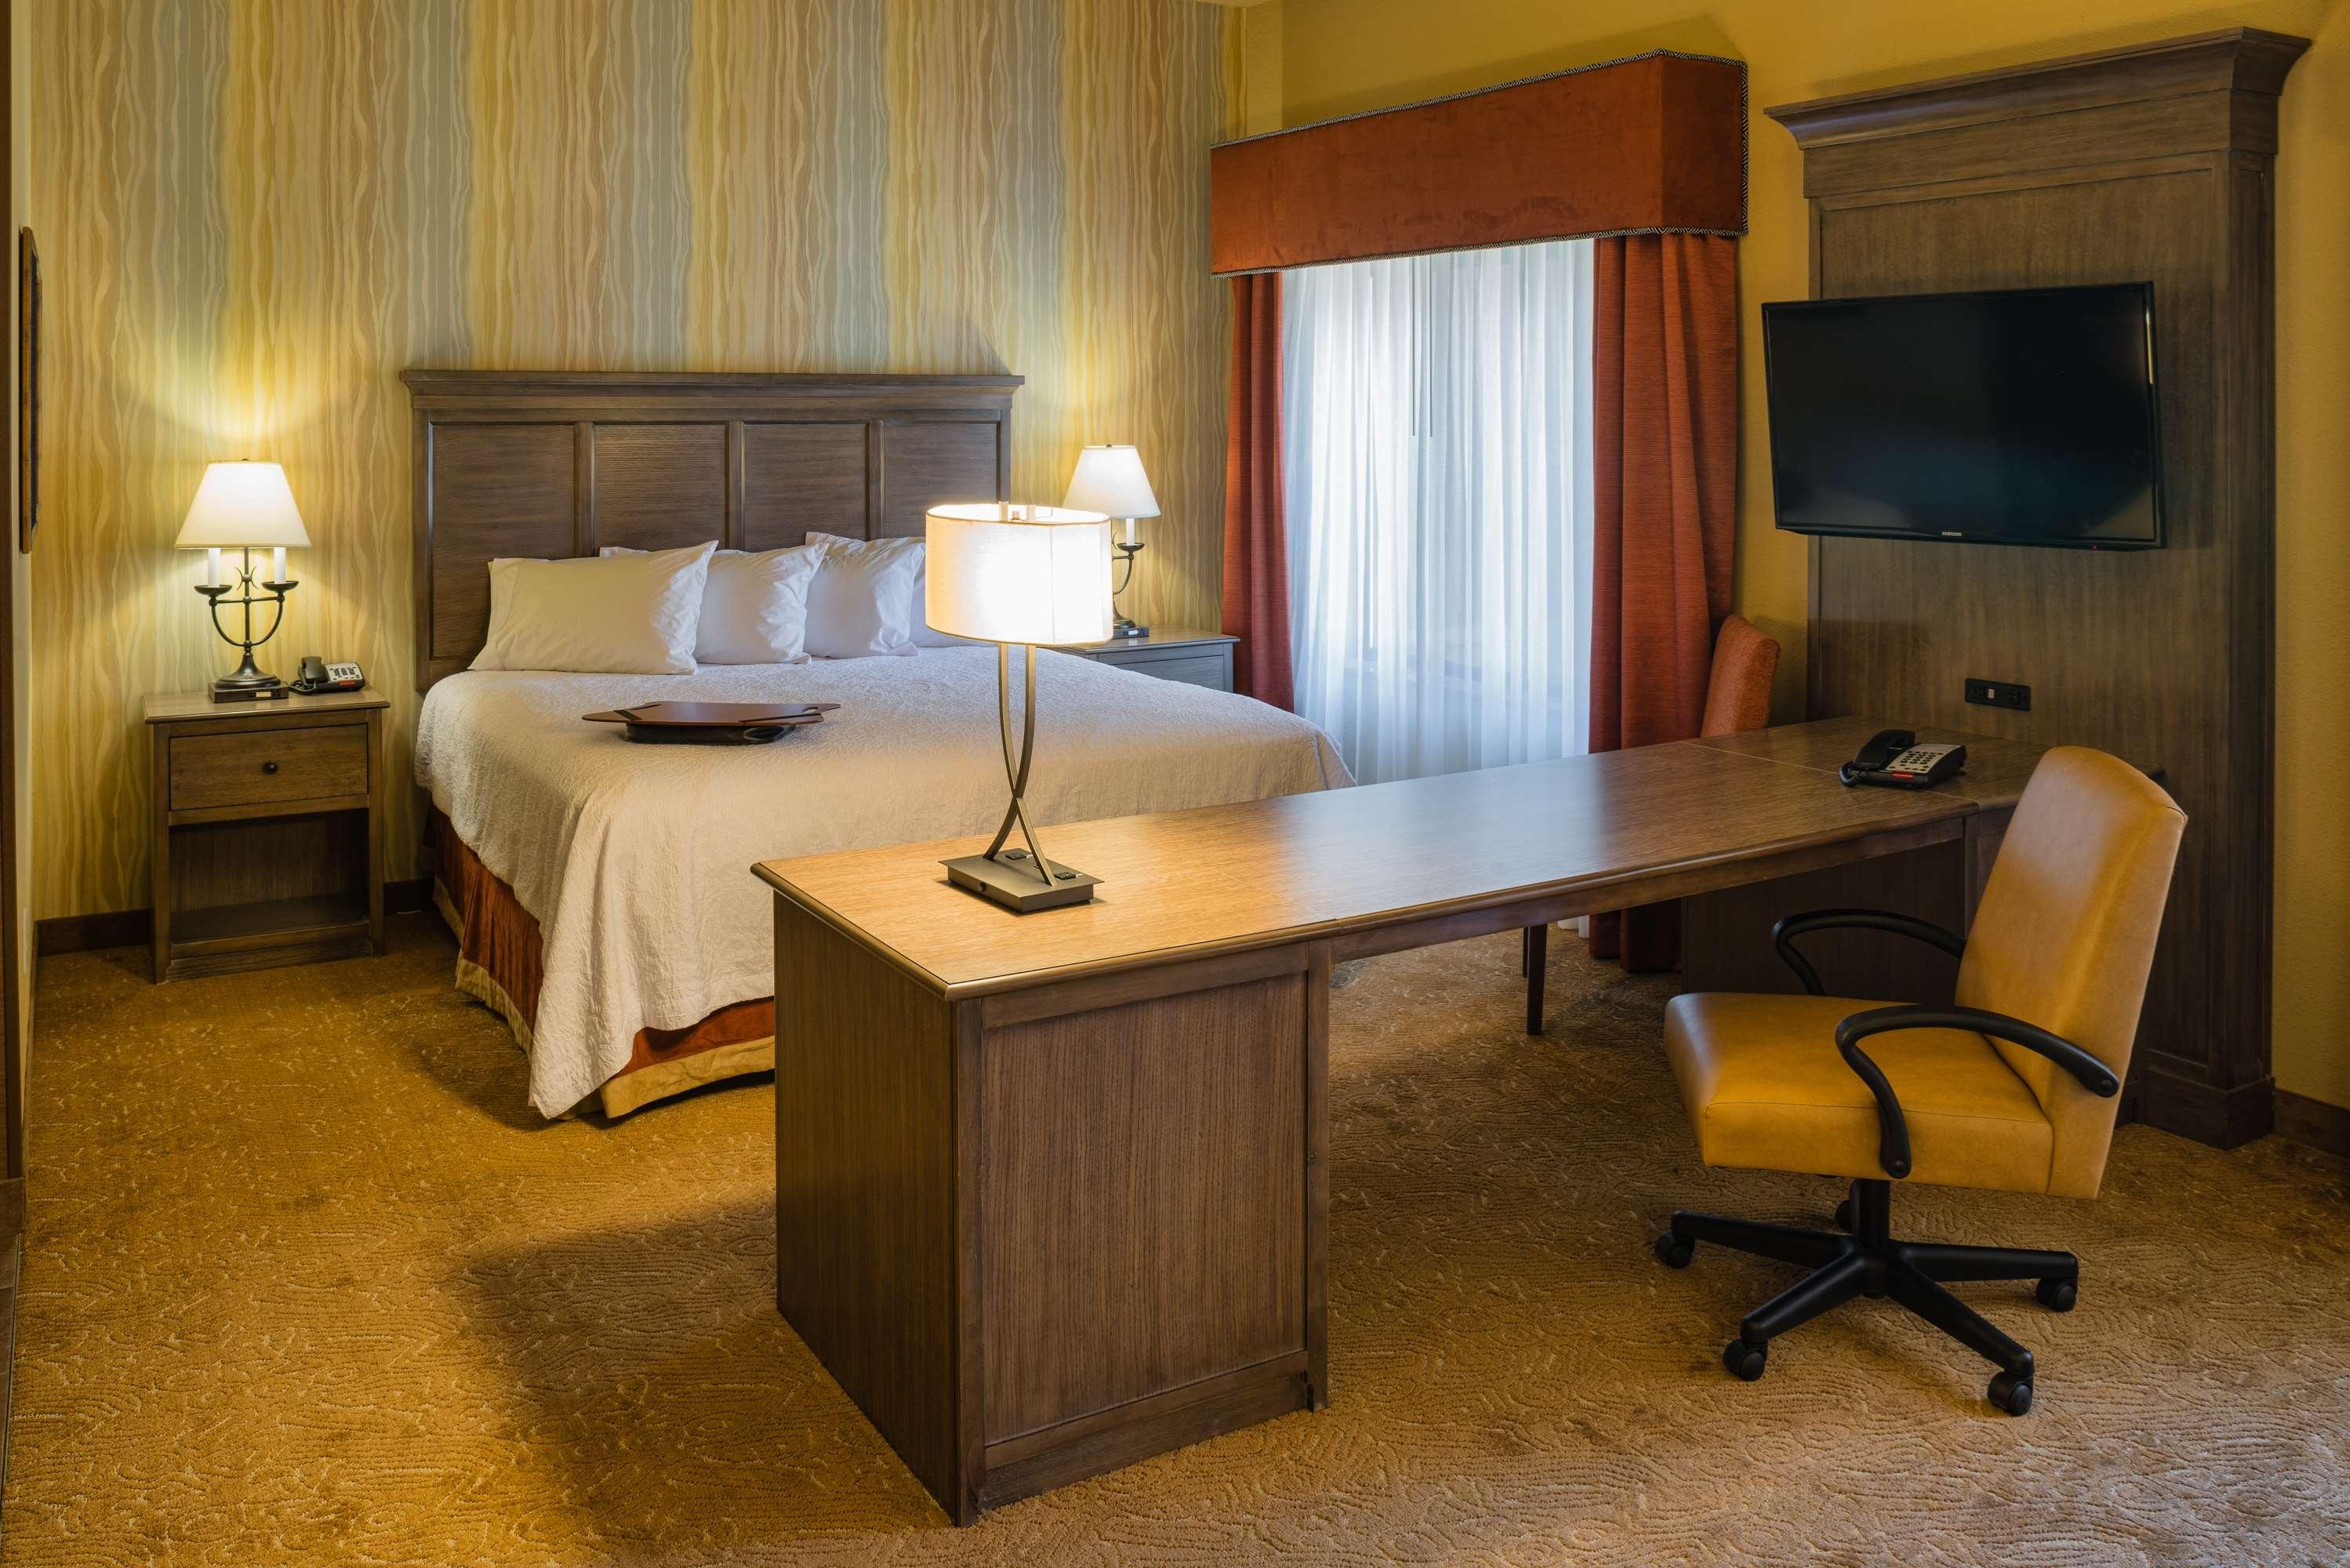 Hampton Inn & Suites Springdale/Zion National Park image 17